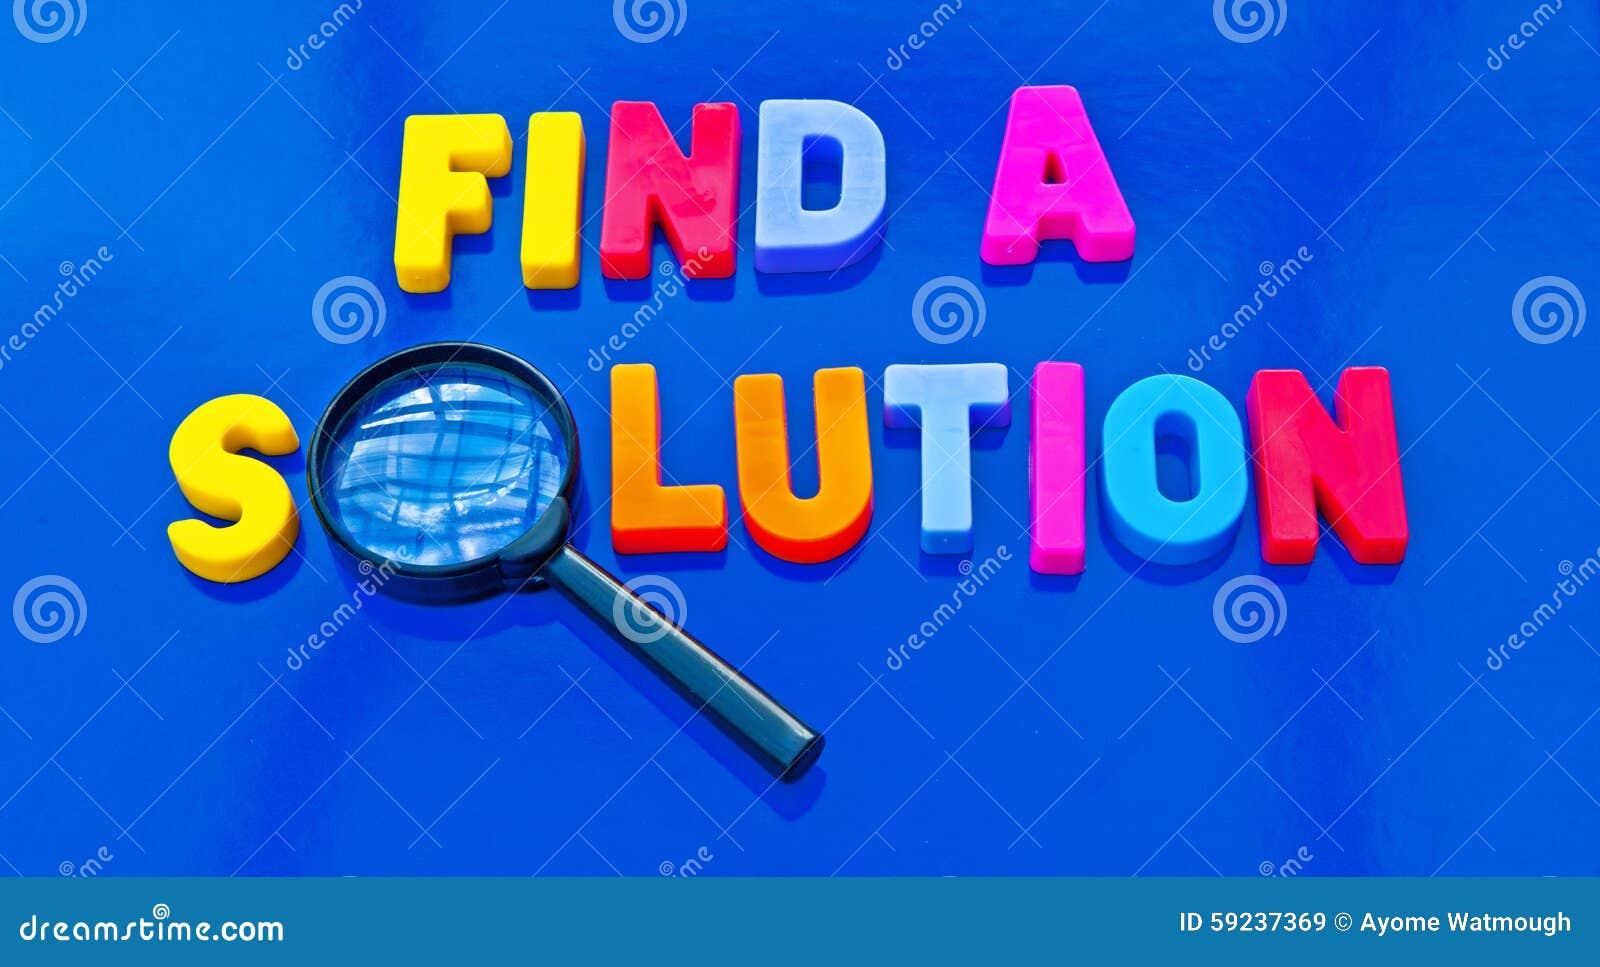 Finden Sie eine Lösung